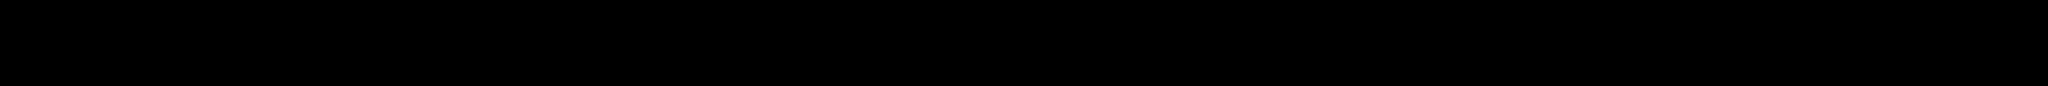 RIDEX 1E0698451, 1E0698451B, 1E0698451C, 1E0698451D, 1E0698451E Bremsekloss sett